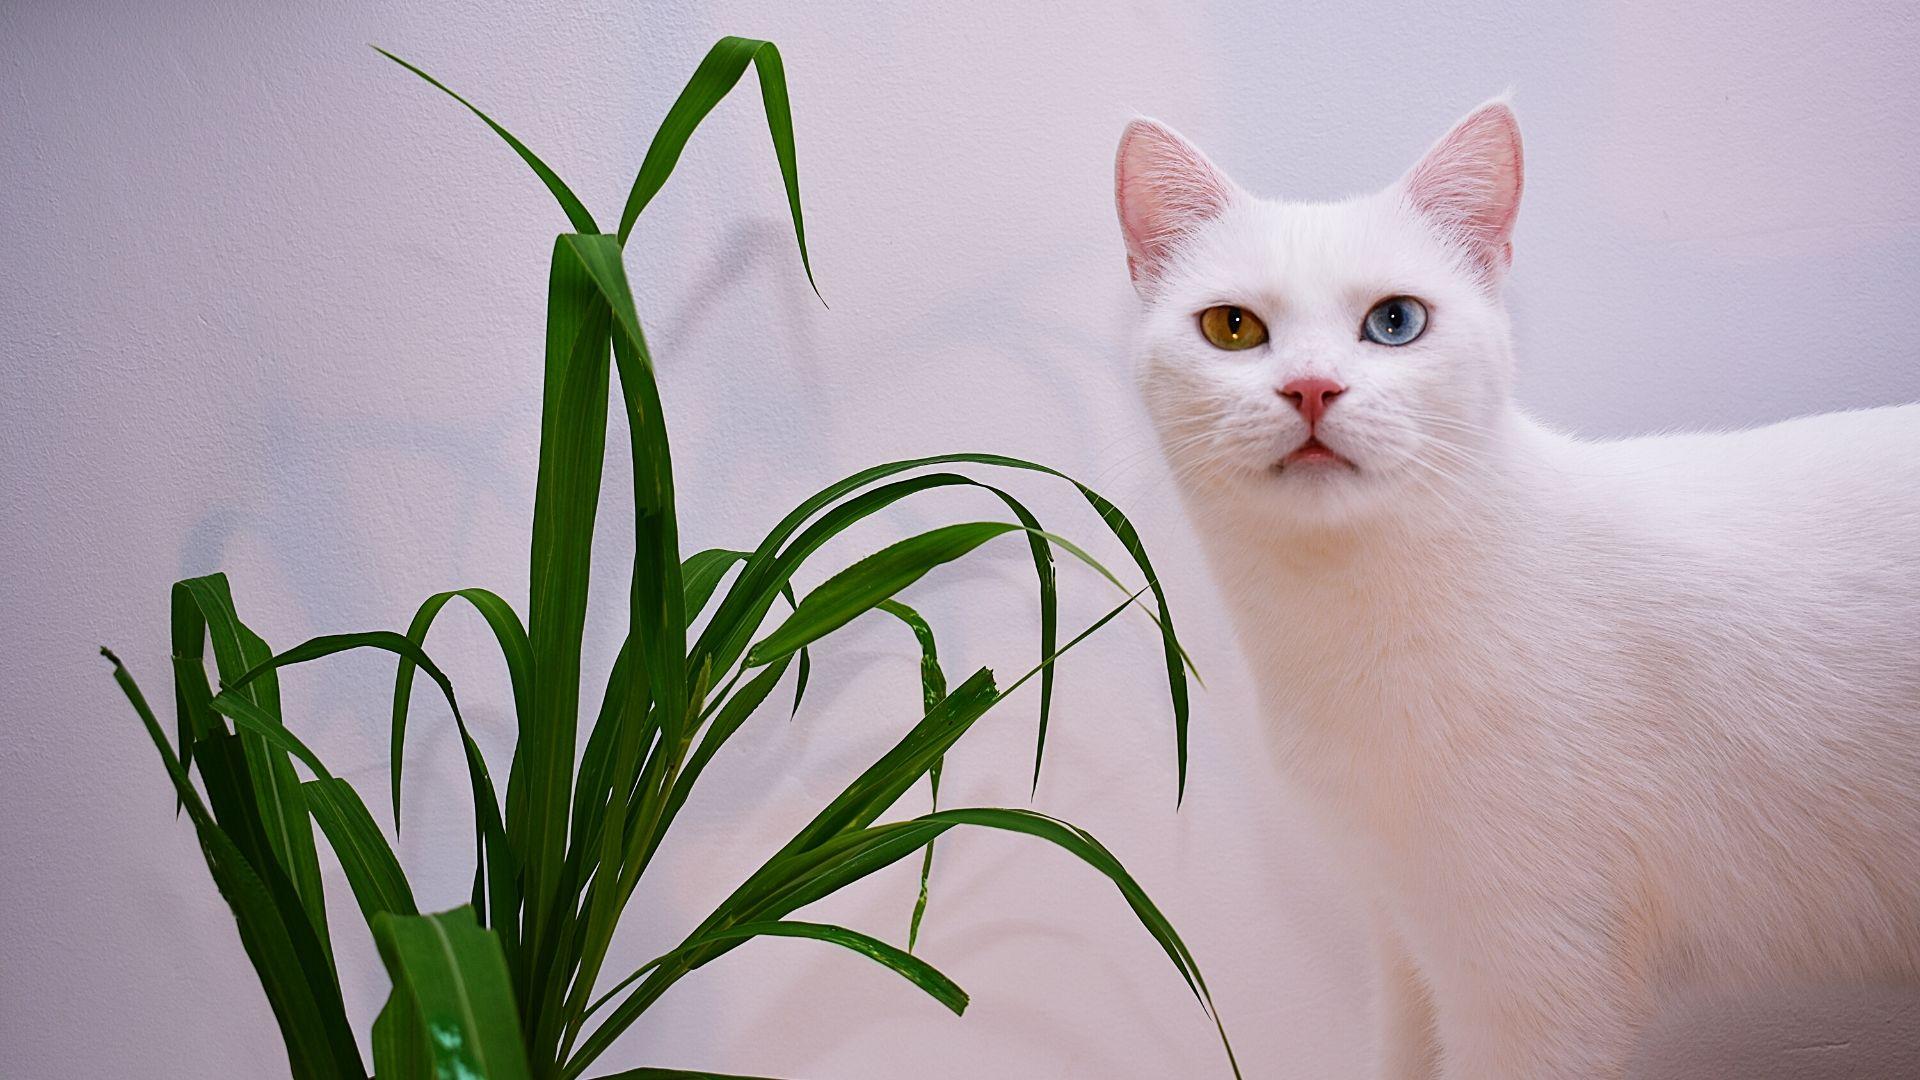 Katze Gefahr vergiften